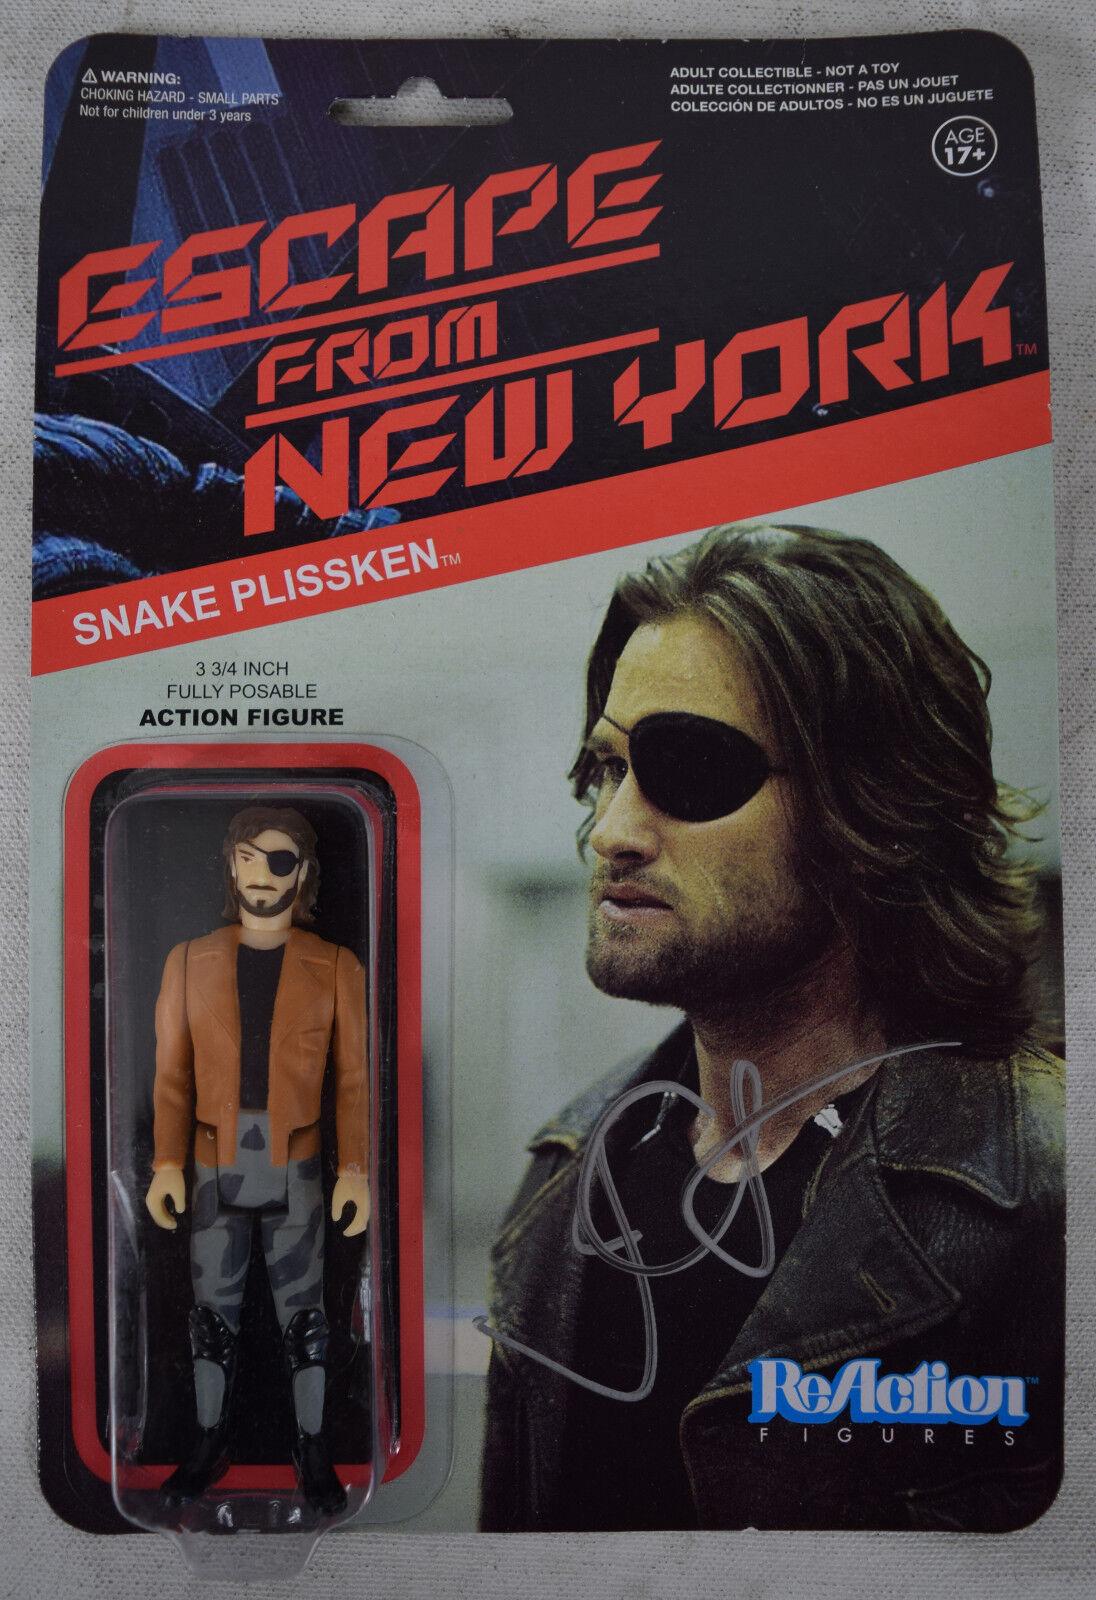 ESCAPE de Nueva York Serpiente Plissken reacción figuras 1 firmado John Cochepenter